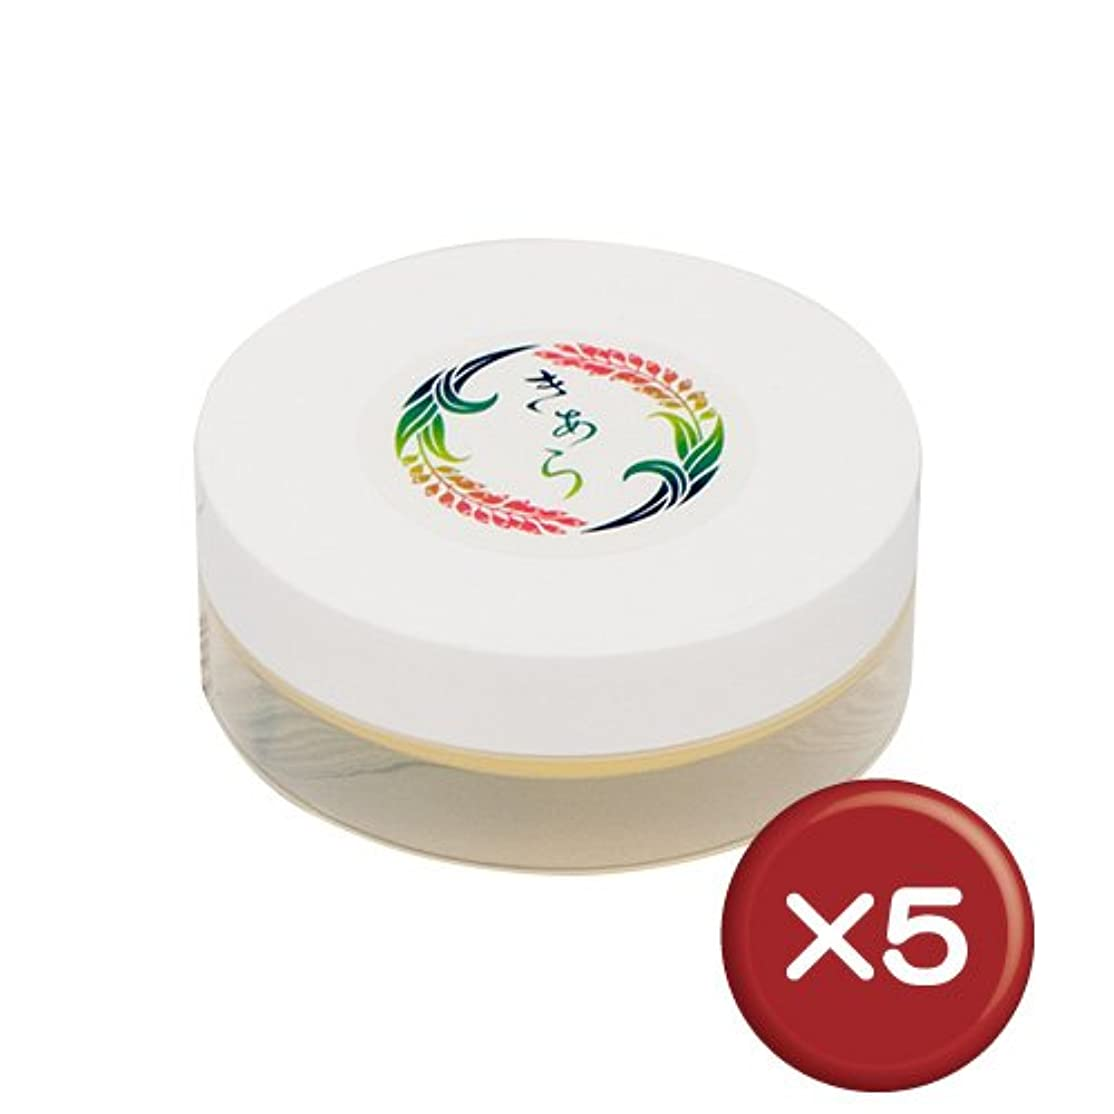 短命実際に真面目な月桃精油入りミツロウクリーム 5個セット